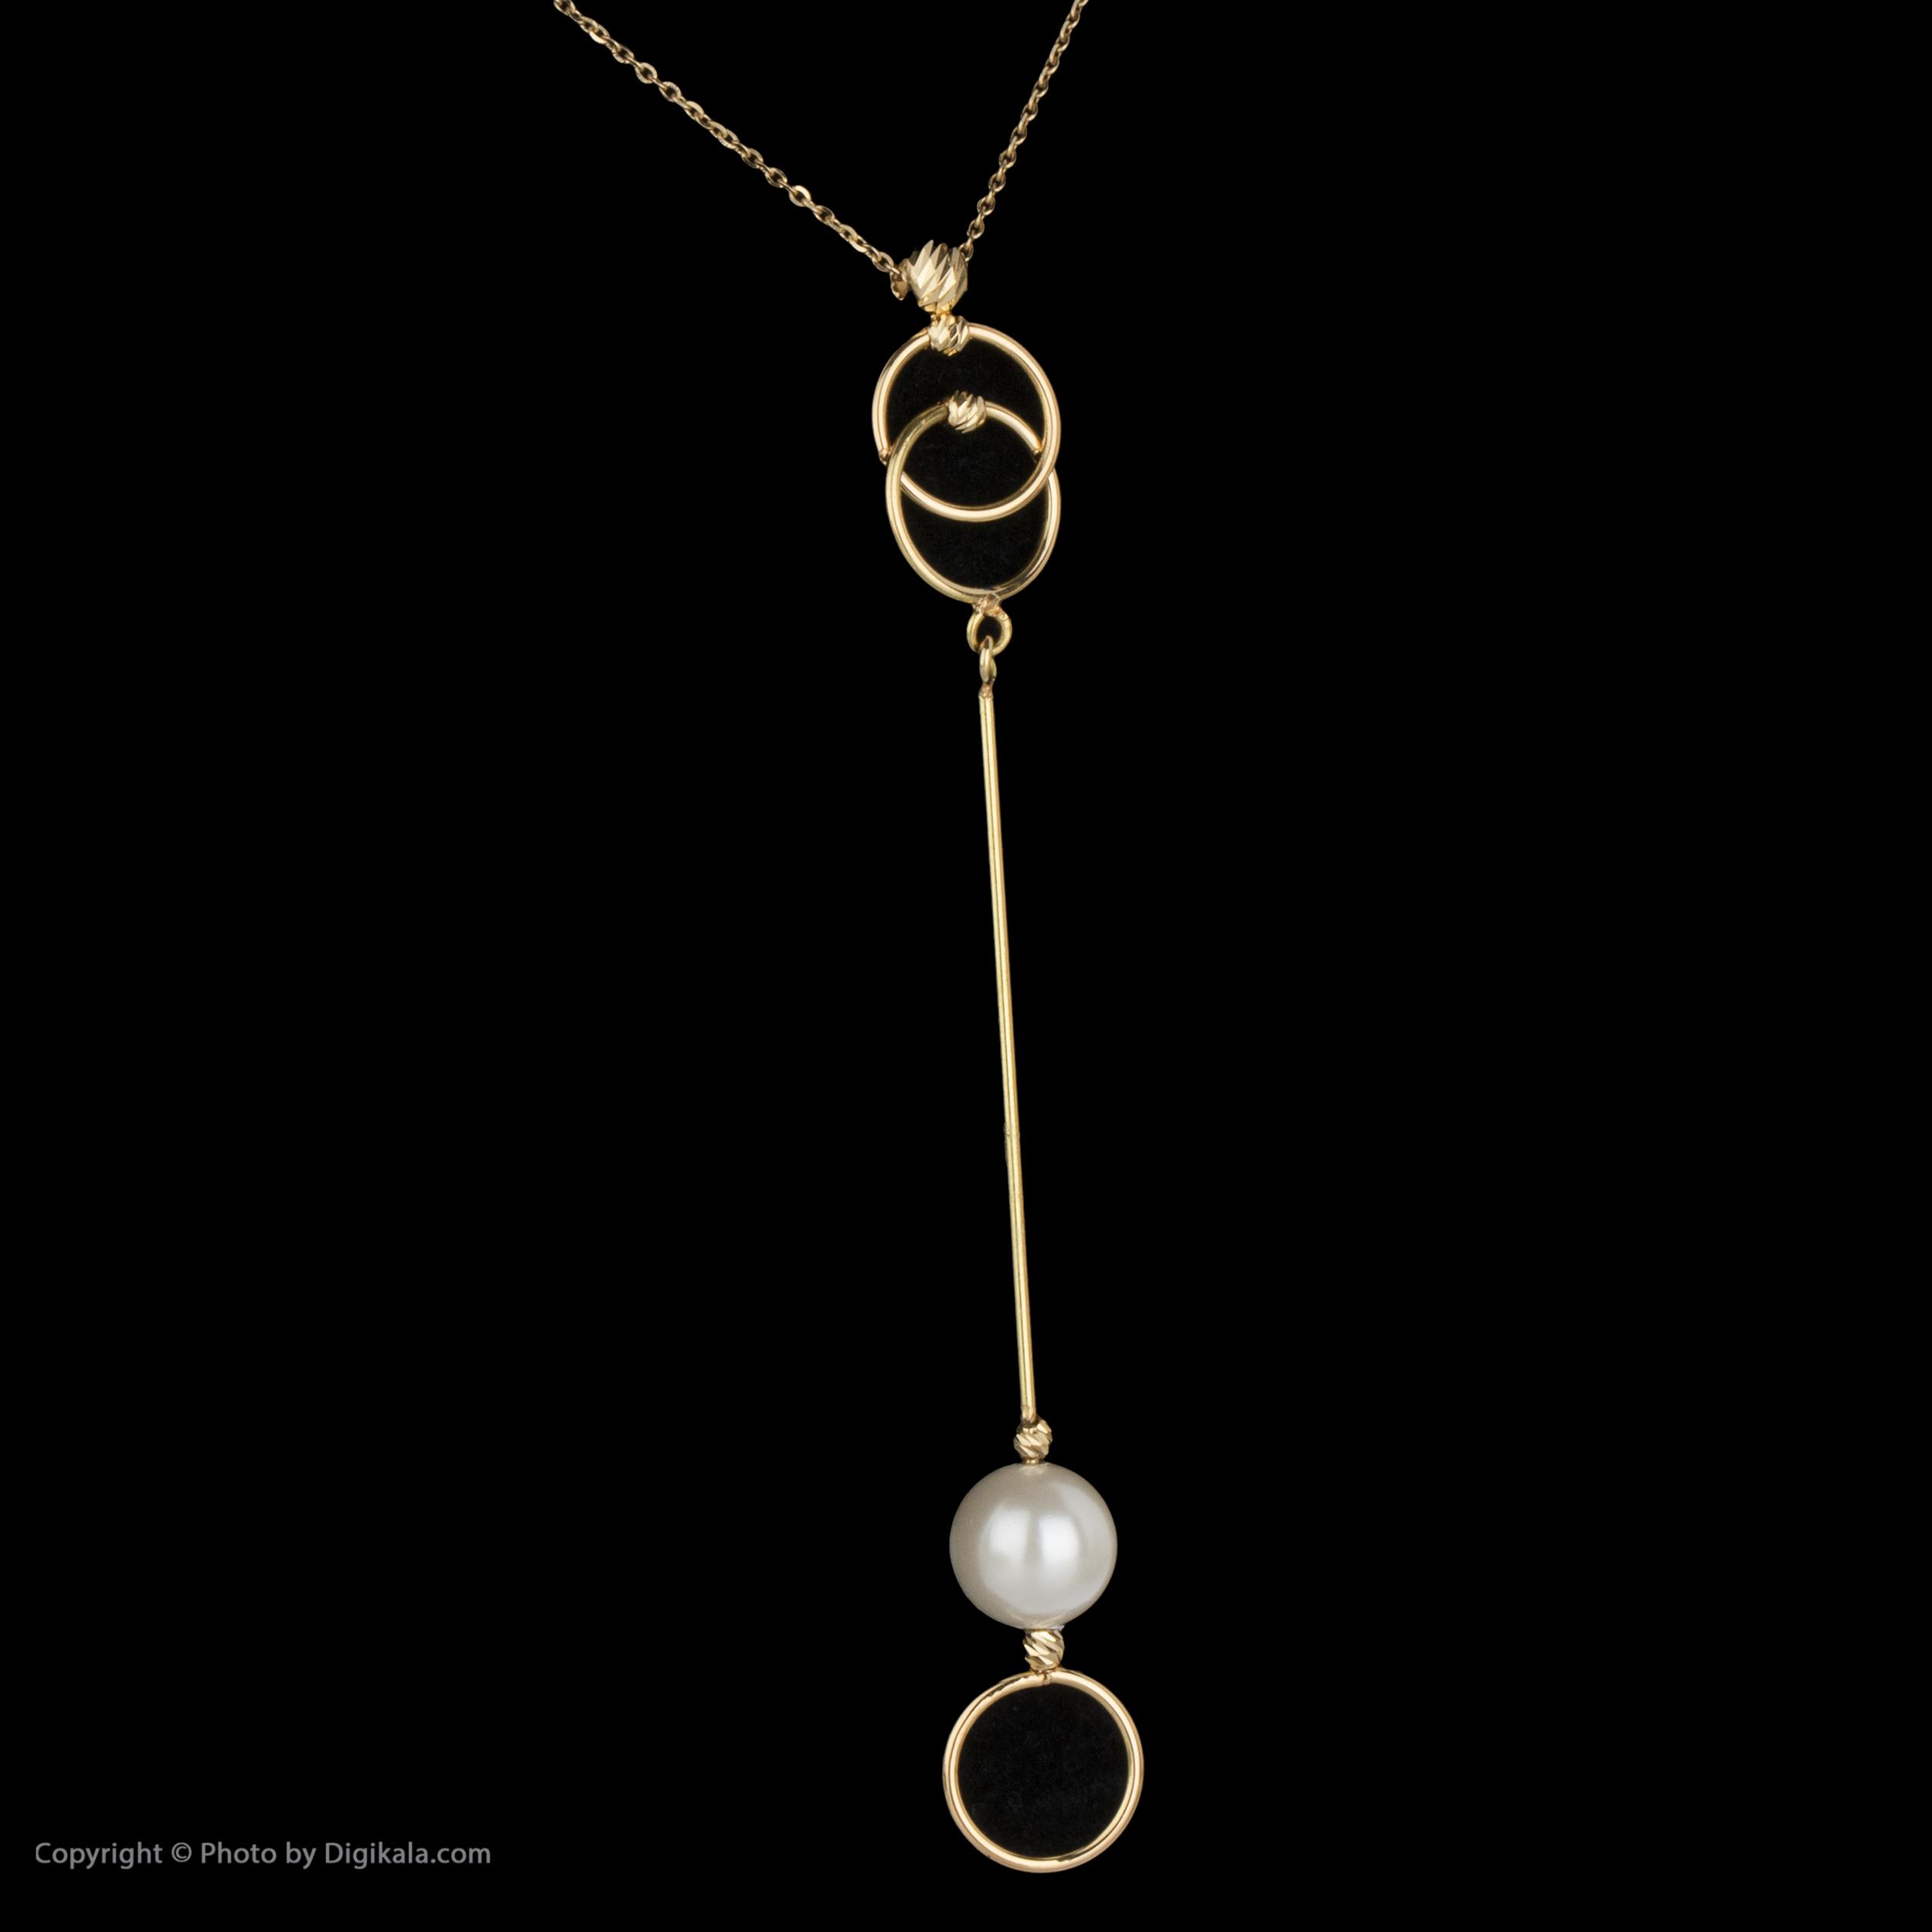 گردنبند طلا 18 عیار زنانه سیودو مدل 147025 -  - 4